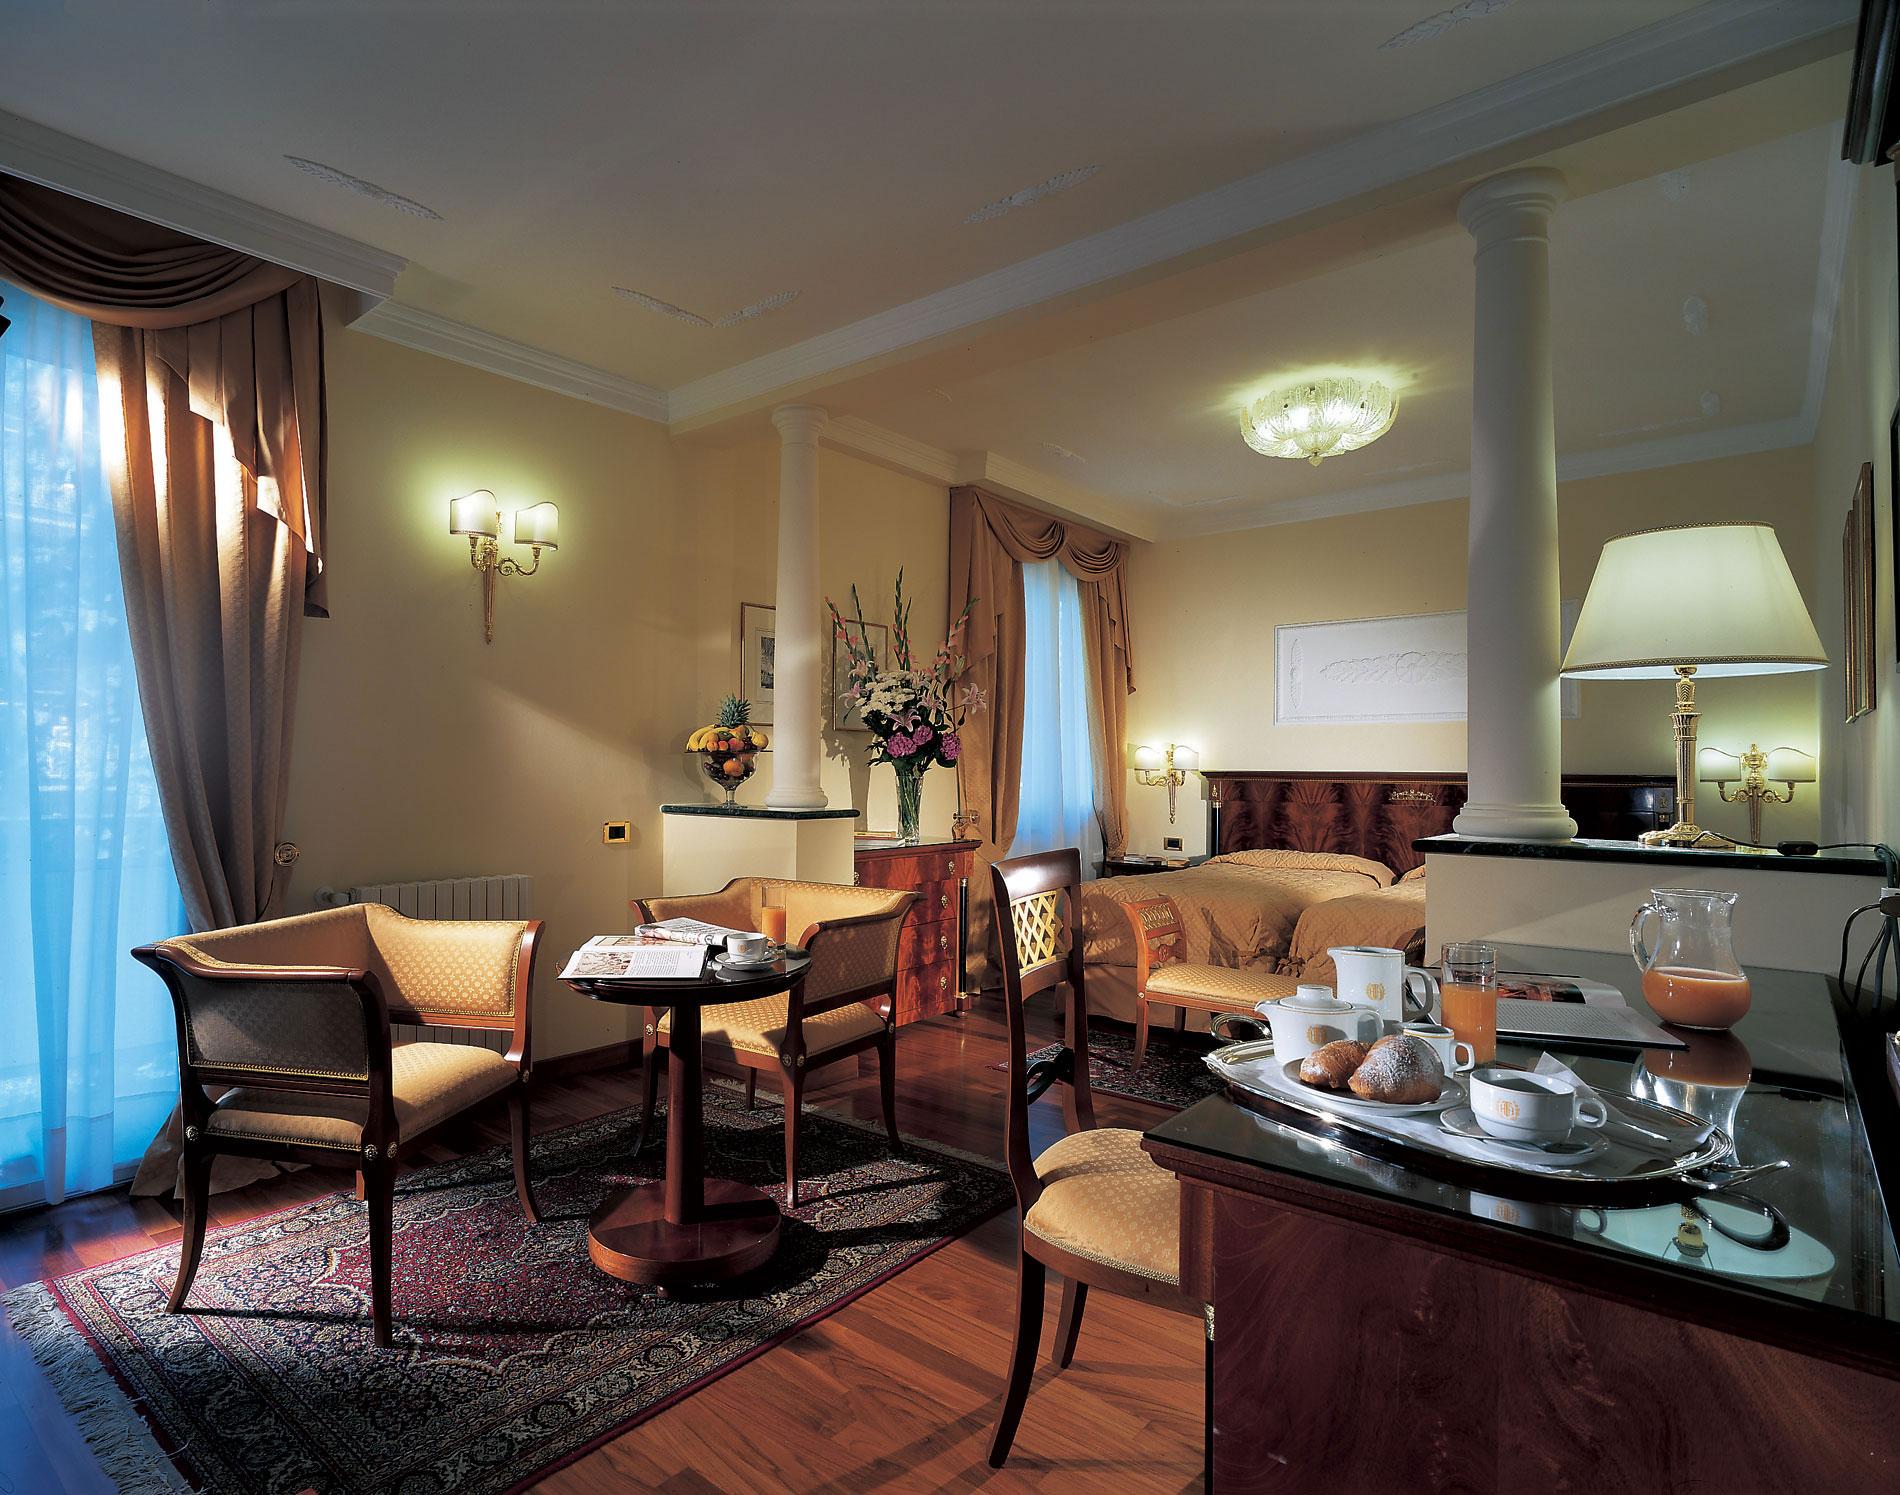 Offerta Soggiorno in Hotel ***s ad Abano Terme & SPA a 43 ...